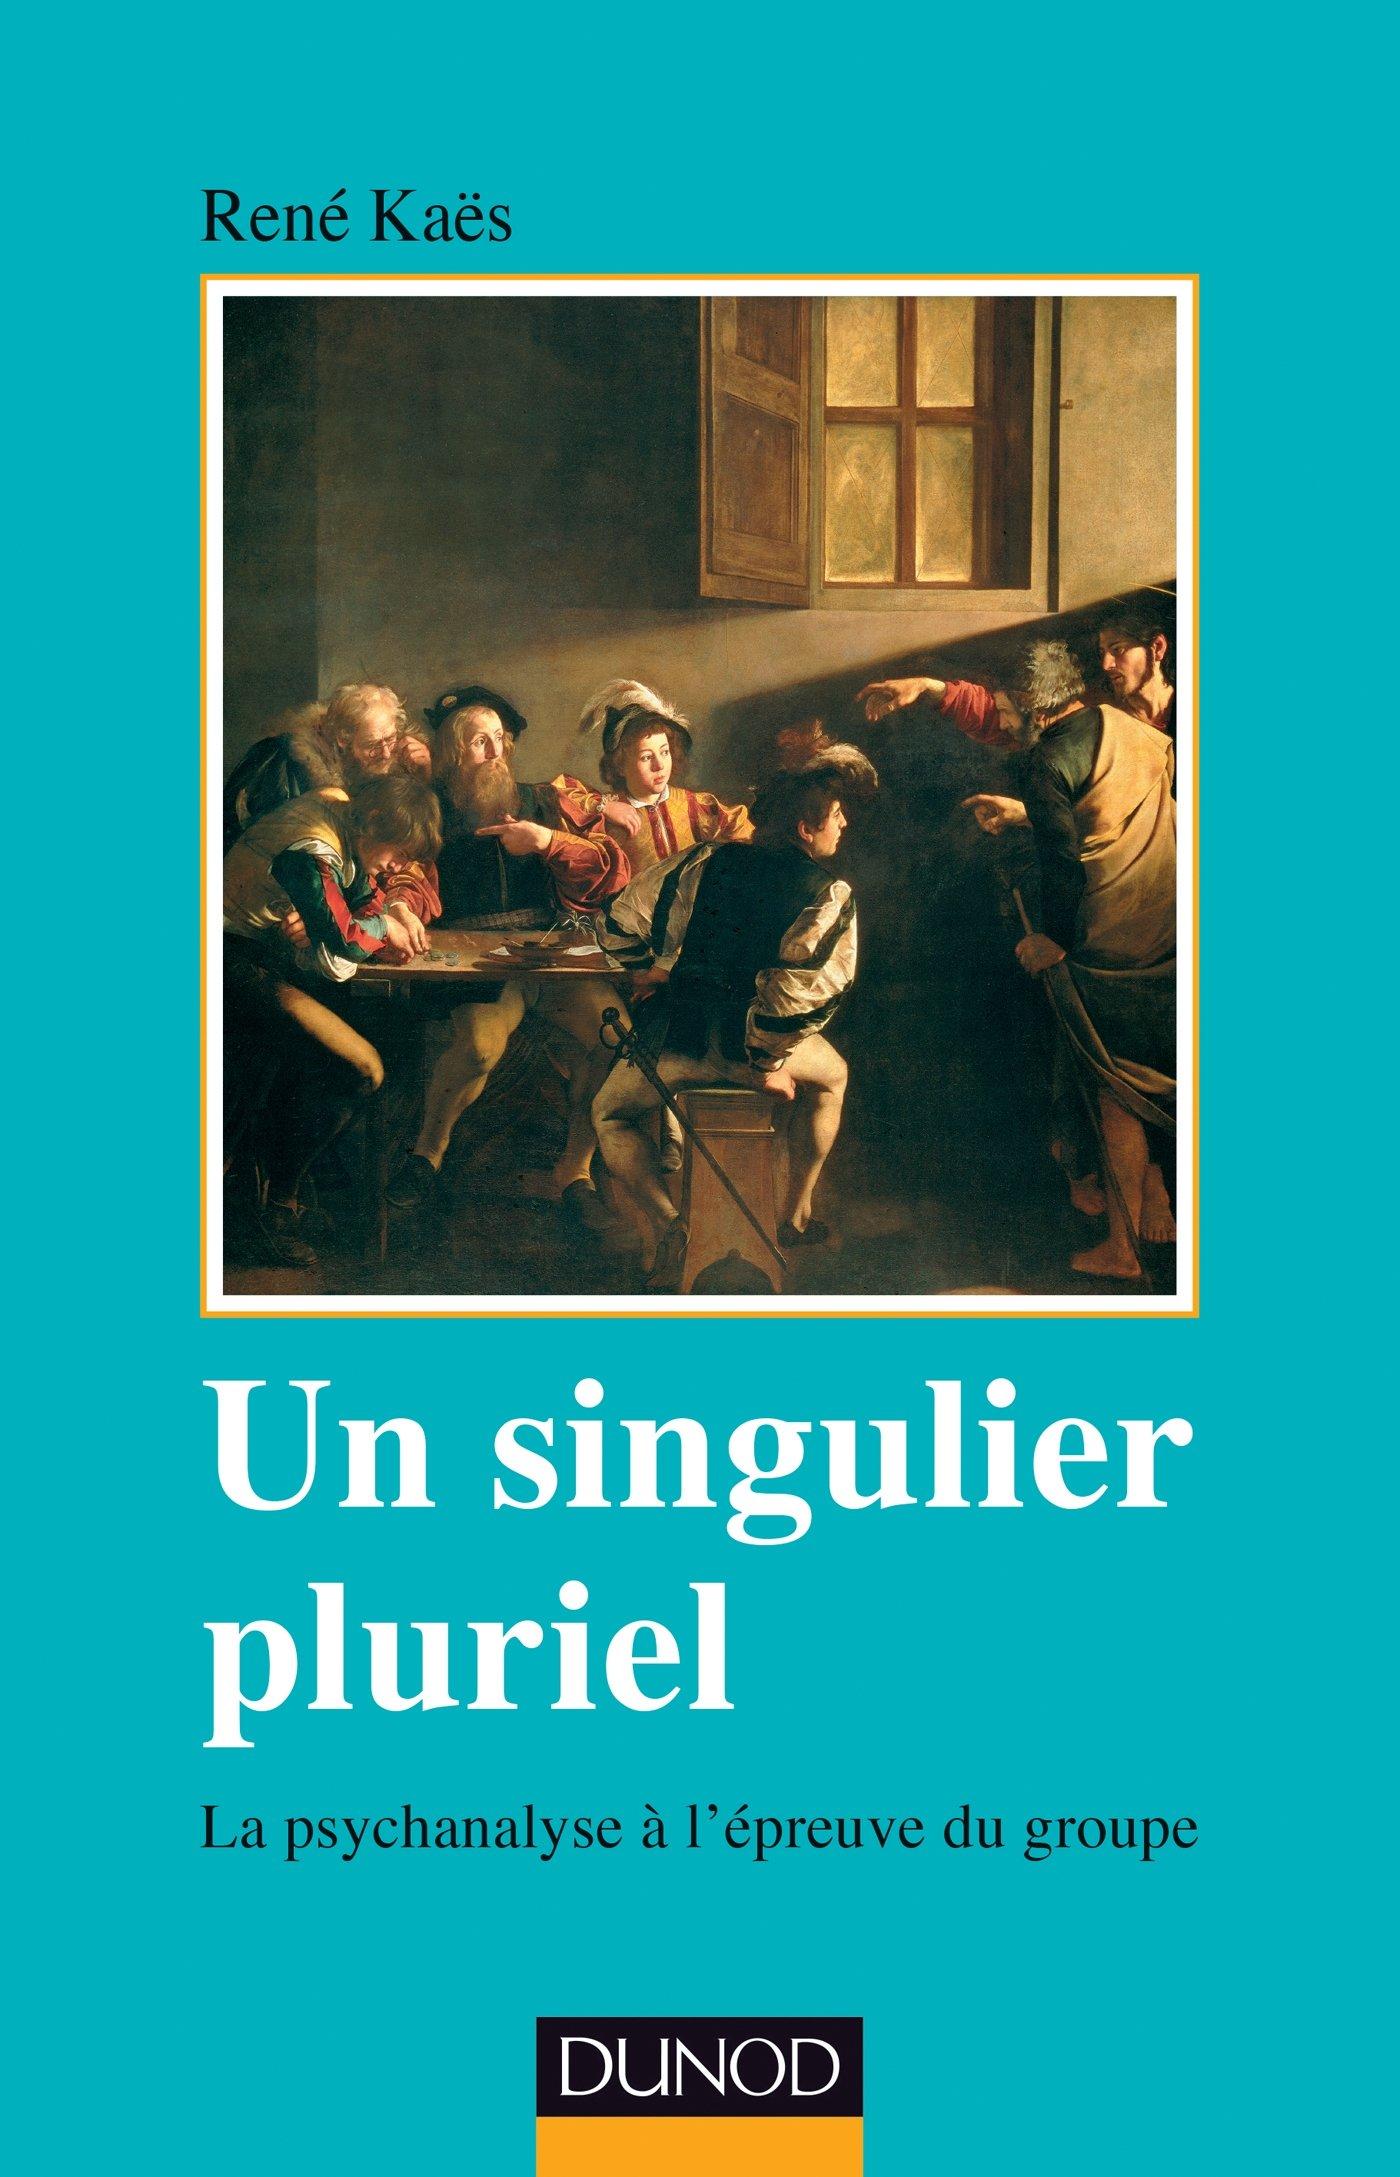 Salle De Bain Pluriel ~ amazon fr un singulier pluriel 2e d la psychanalyse l